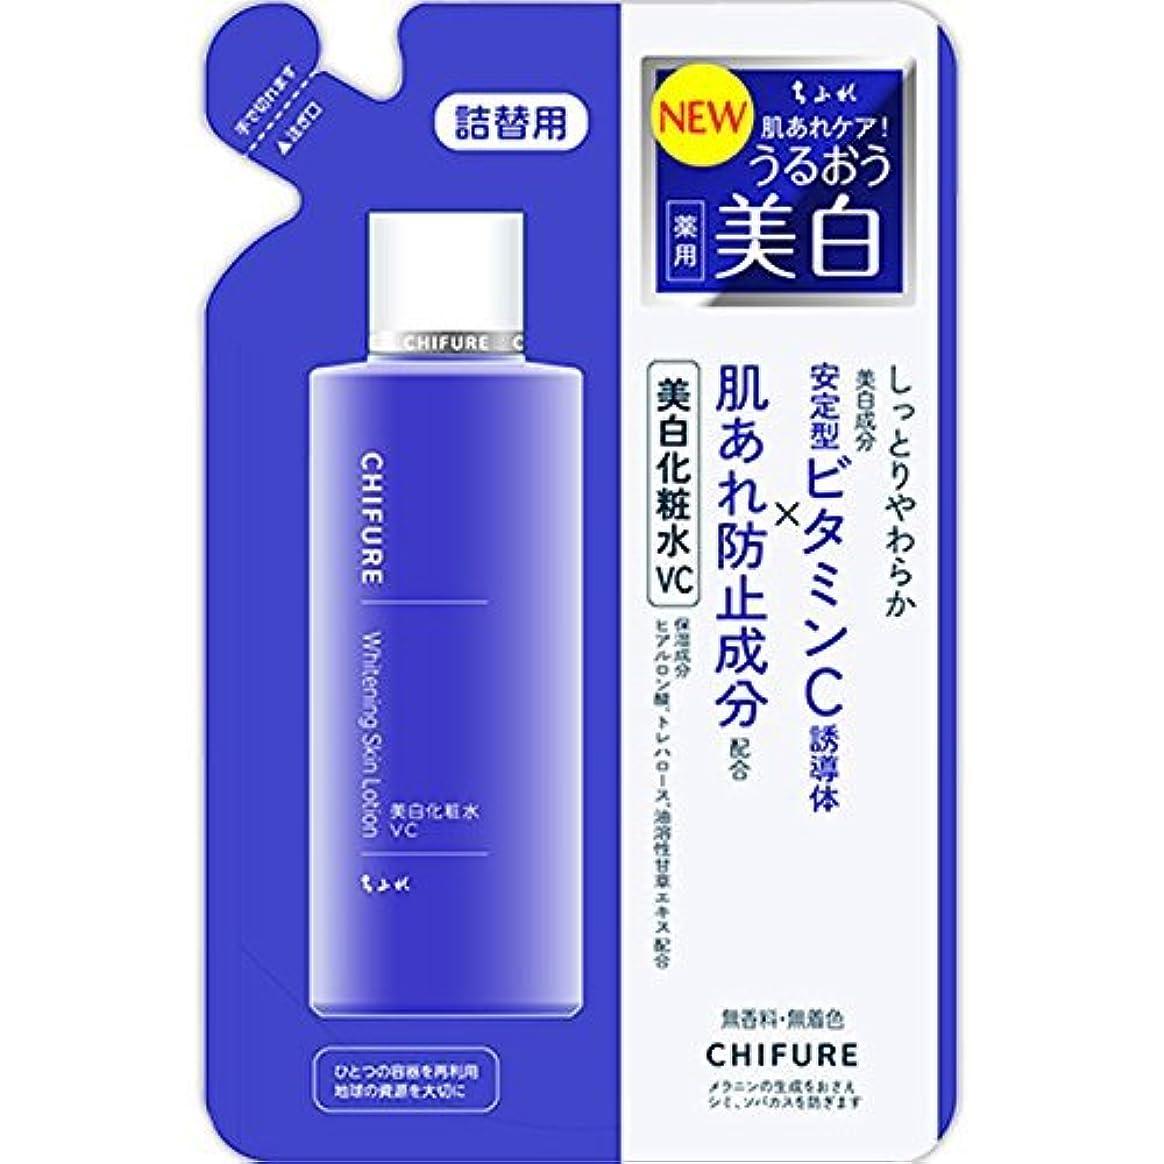 上げる不忠記念碑的なちふれ化粧品 美白化粧水 VC 詰替 180ML (医薬部外品)